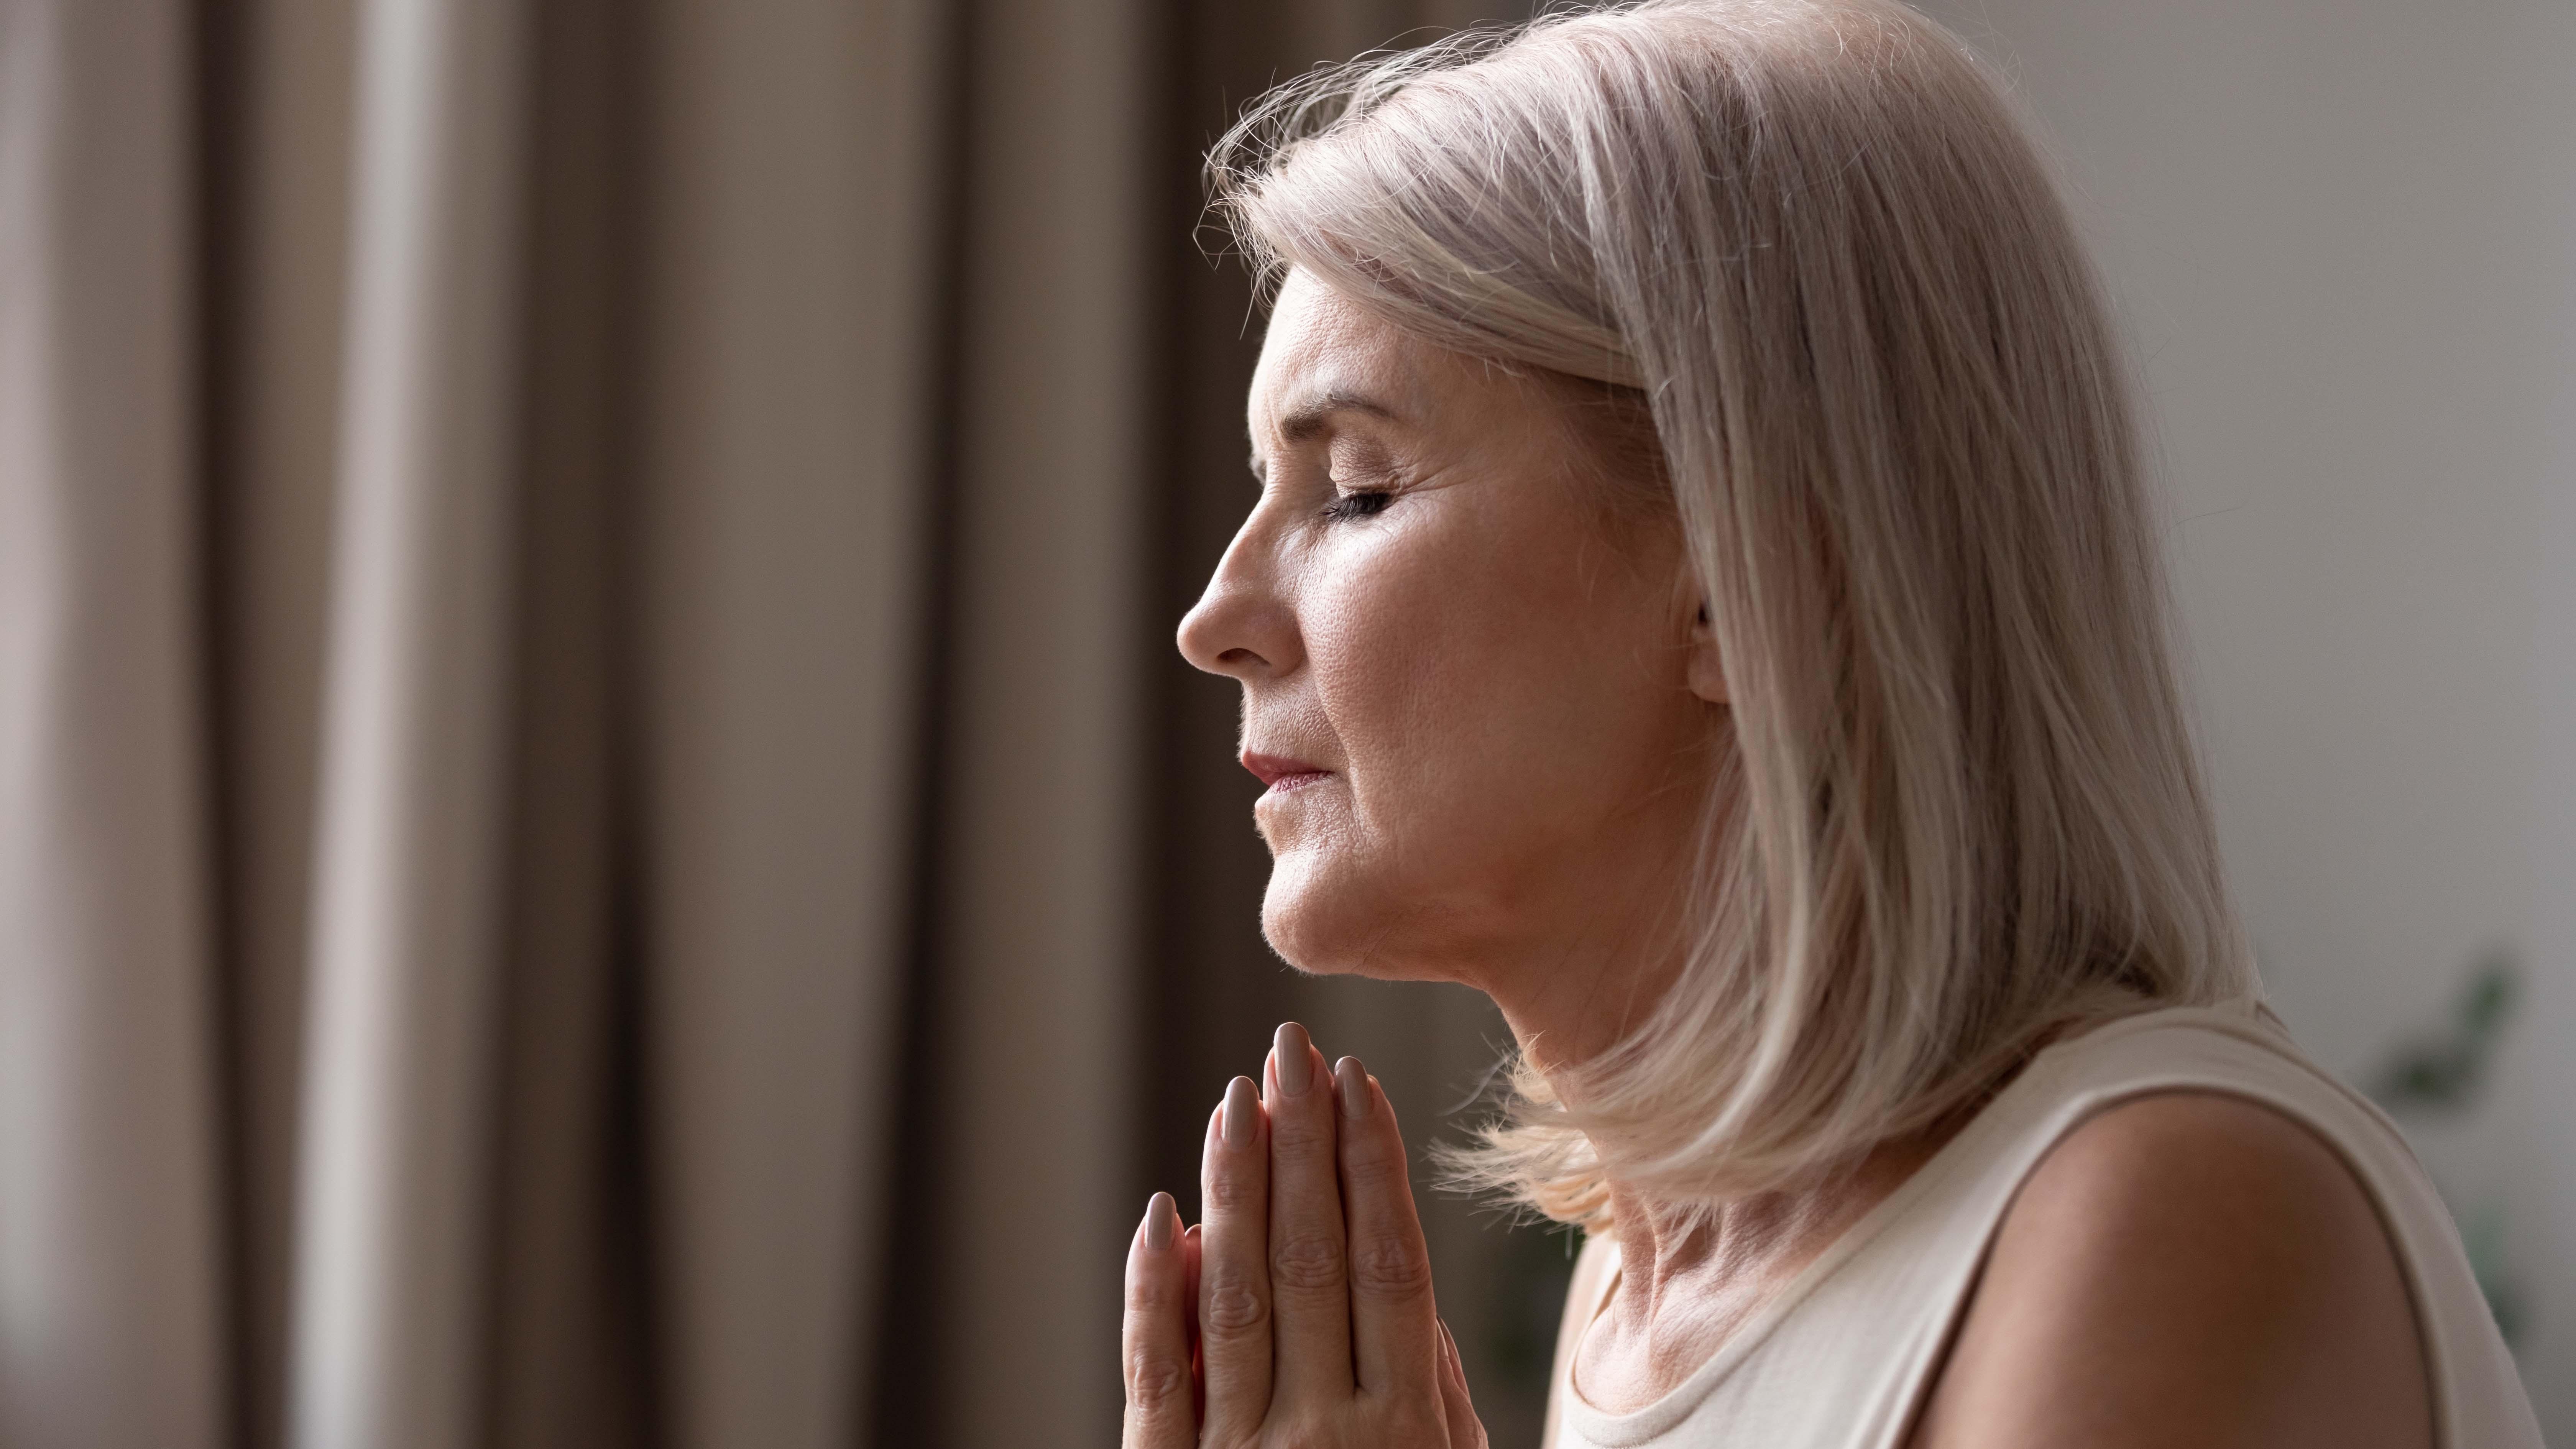 Los fieles se unen en oración dos veces al día en el mes de abril (Foto: Shutterstock)